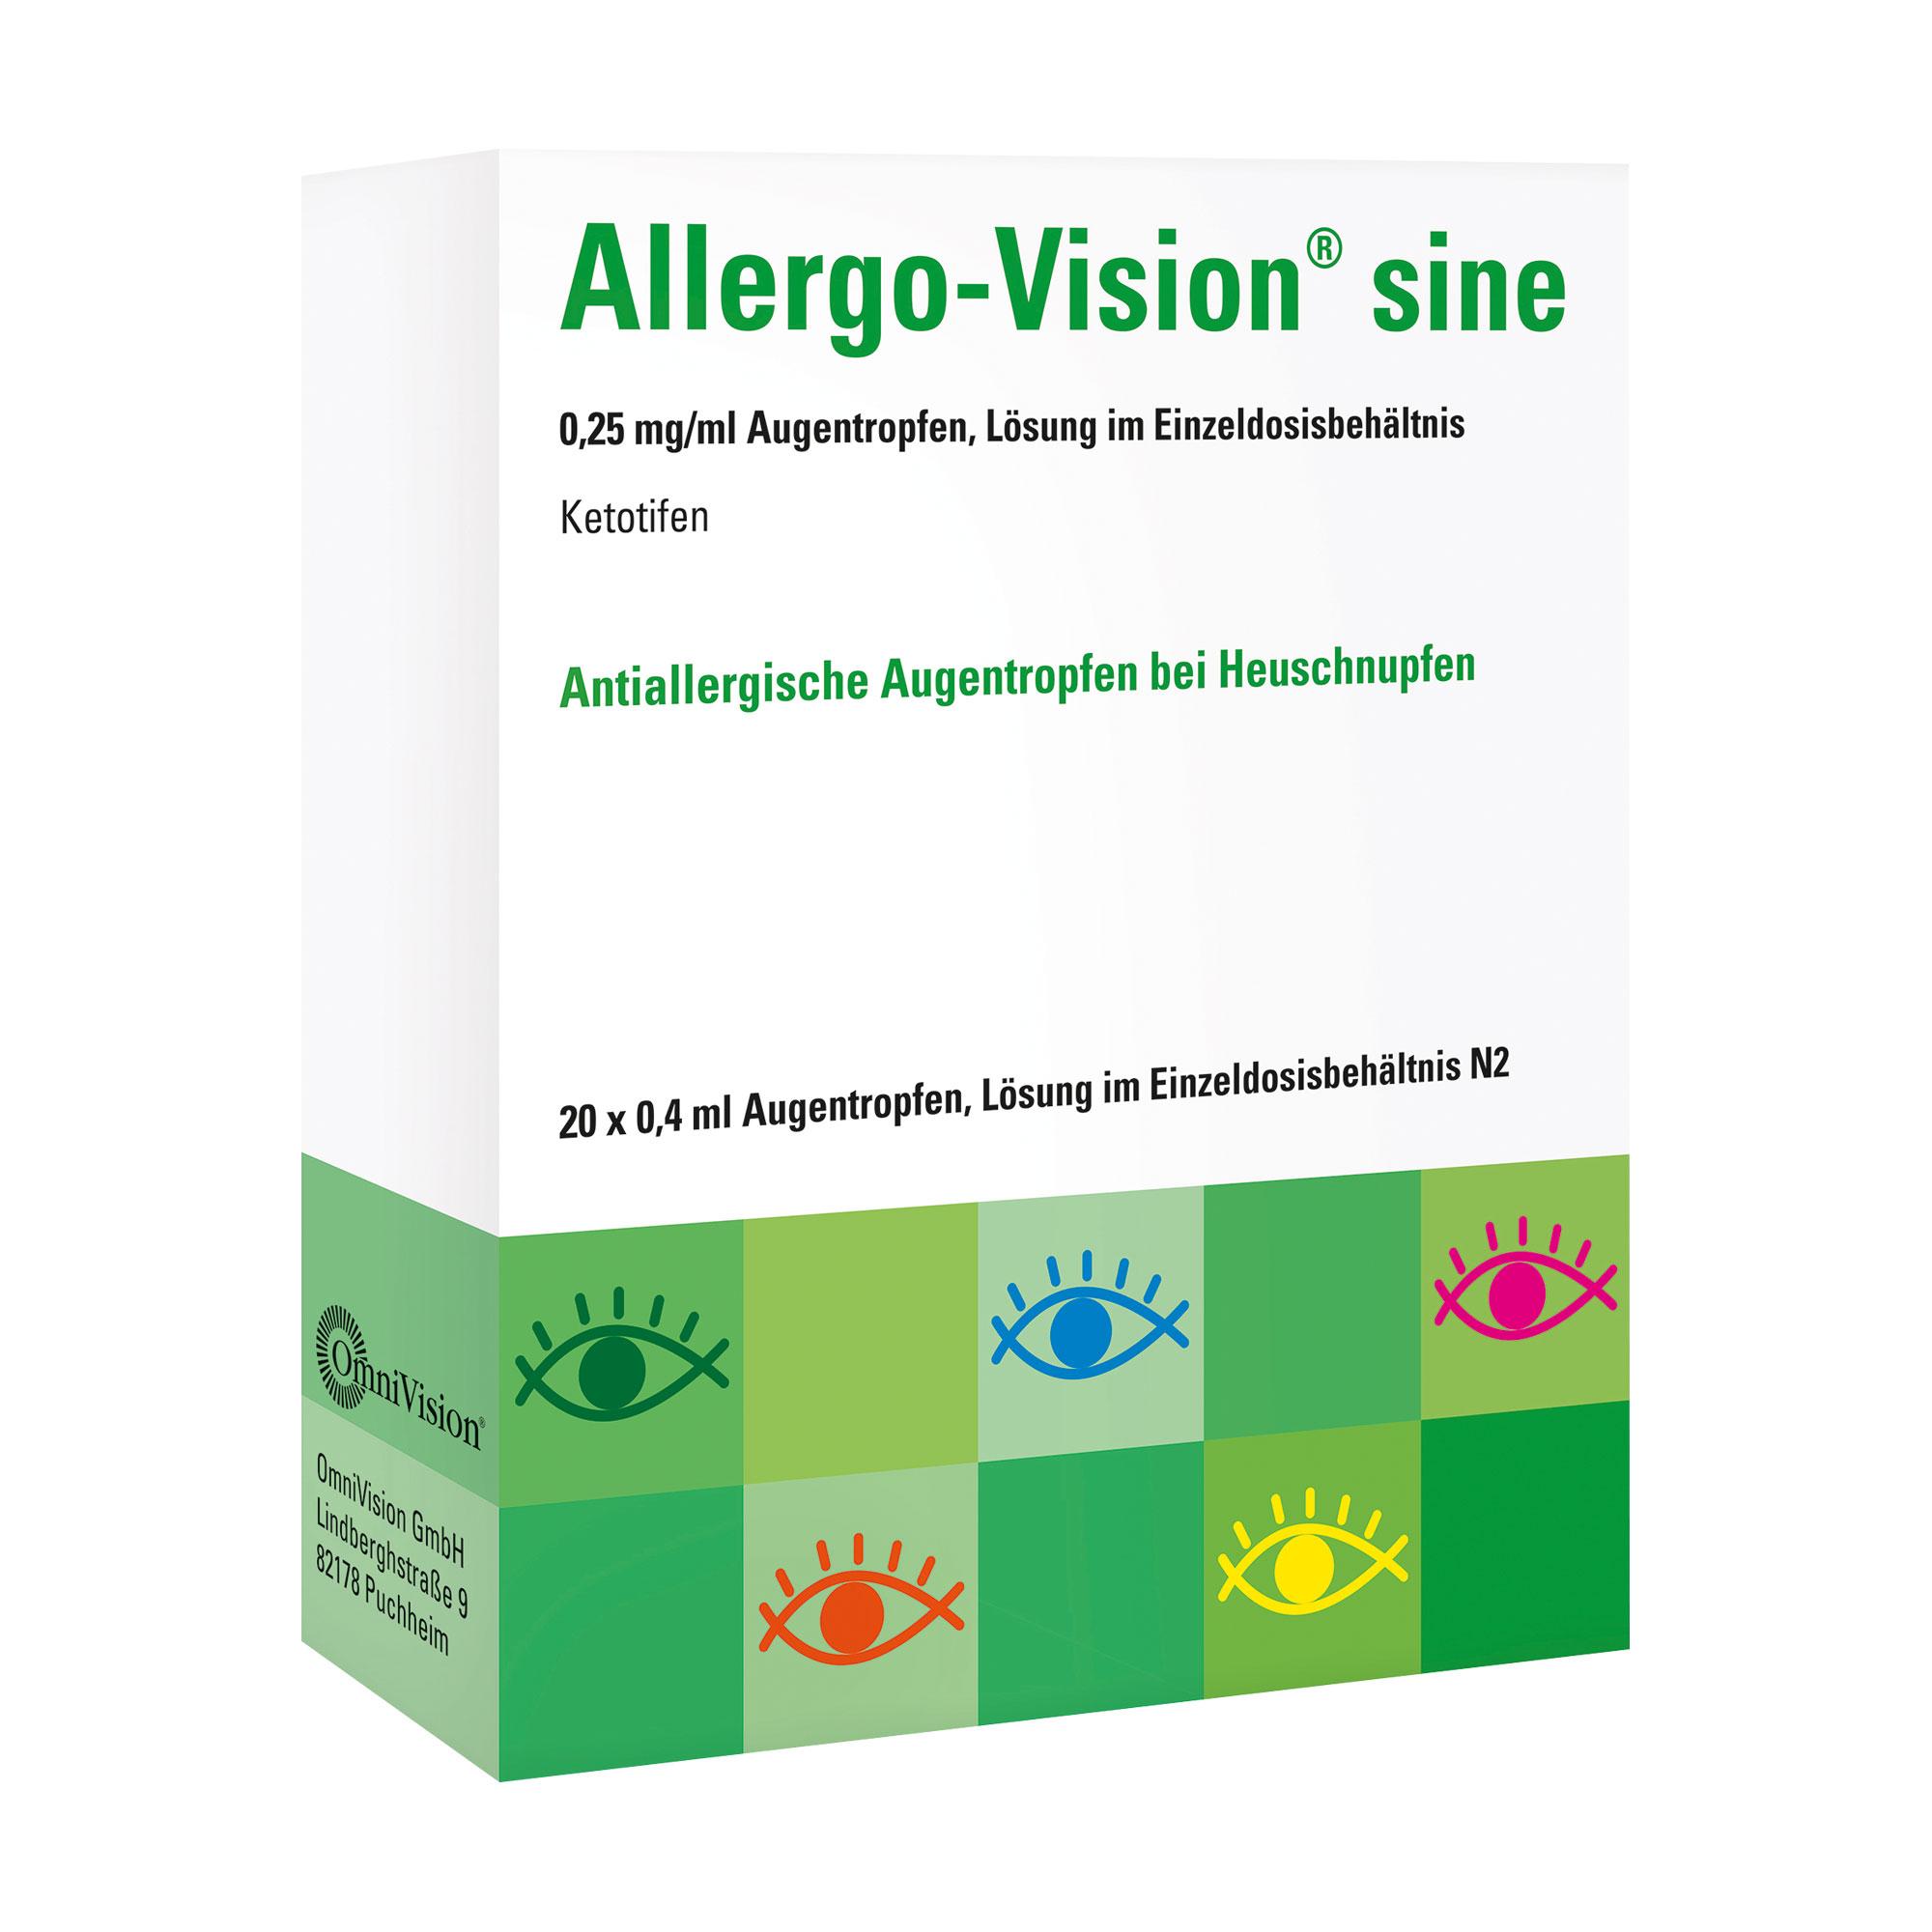 Allergo-Vision Sine 0,25 mg/ml AT im Einzeldosenbehältnis